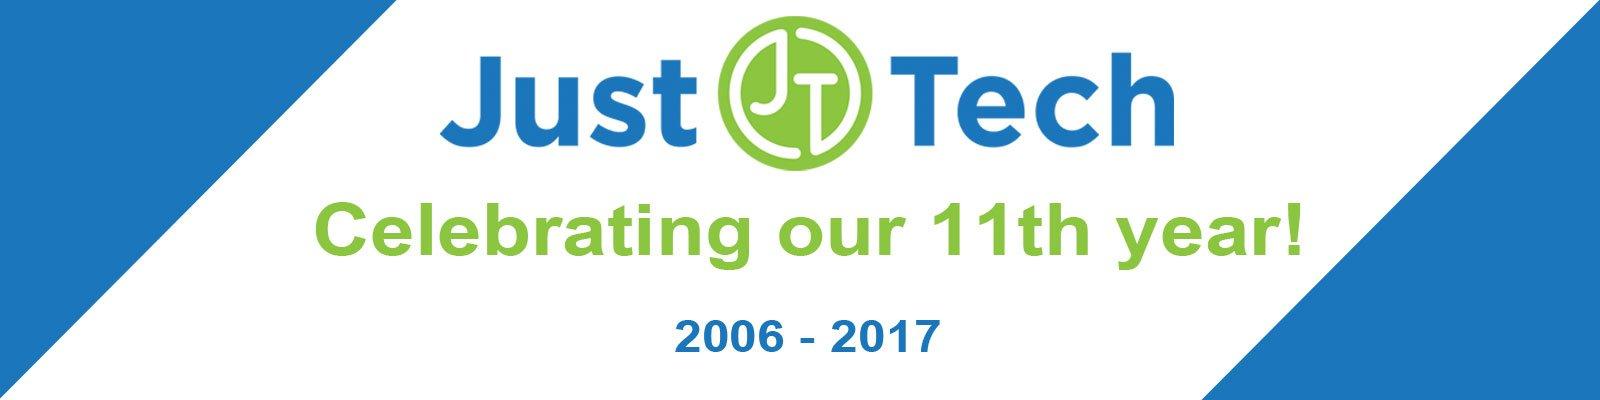 justtech-11thv2b